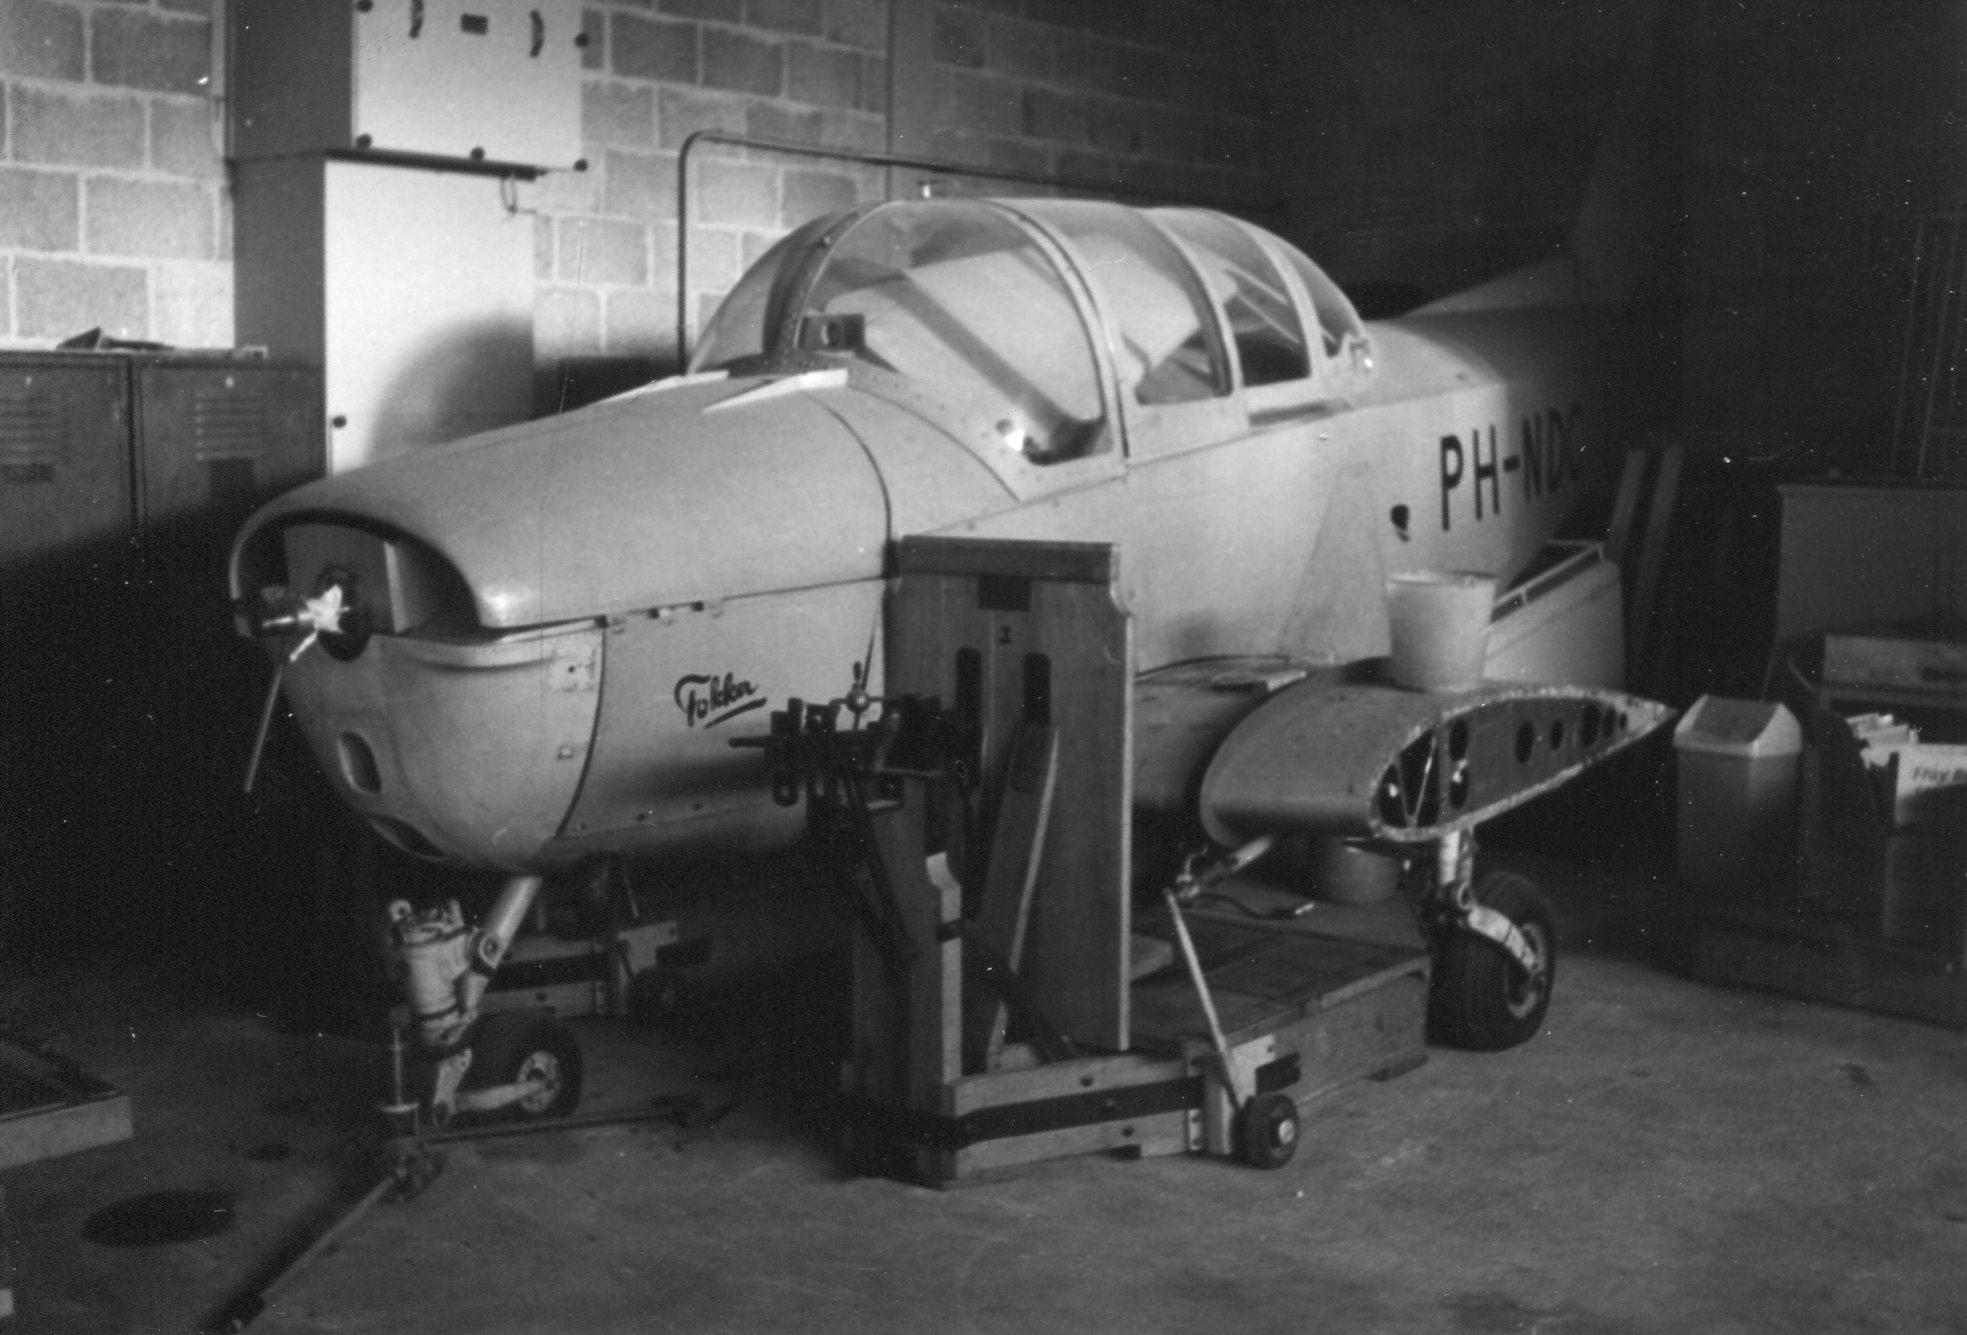 Naam: S 12 prototype , Zestienhoven.jpg Bekeken: 197 Grootte: 275,8 KB